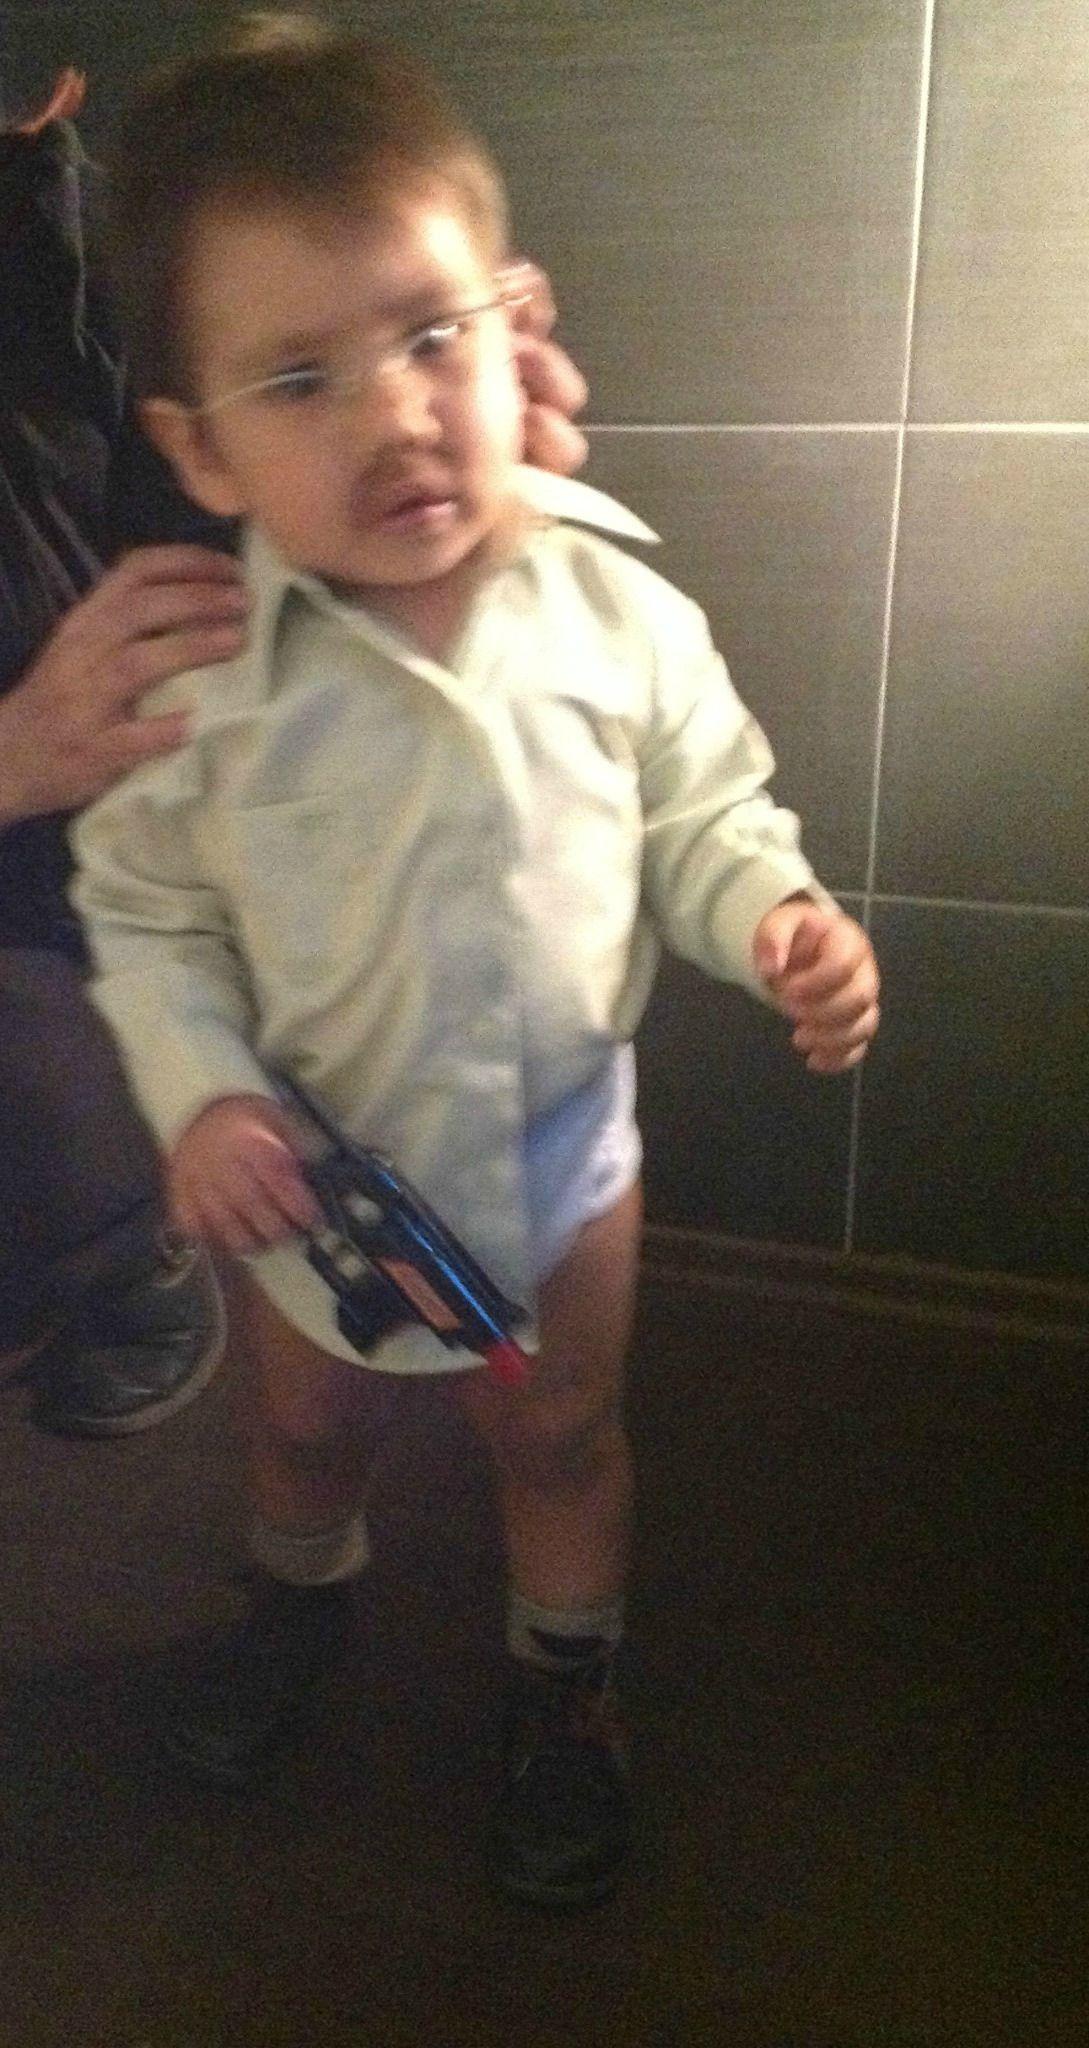 Walter White, baby bad